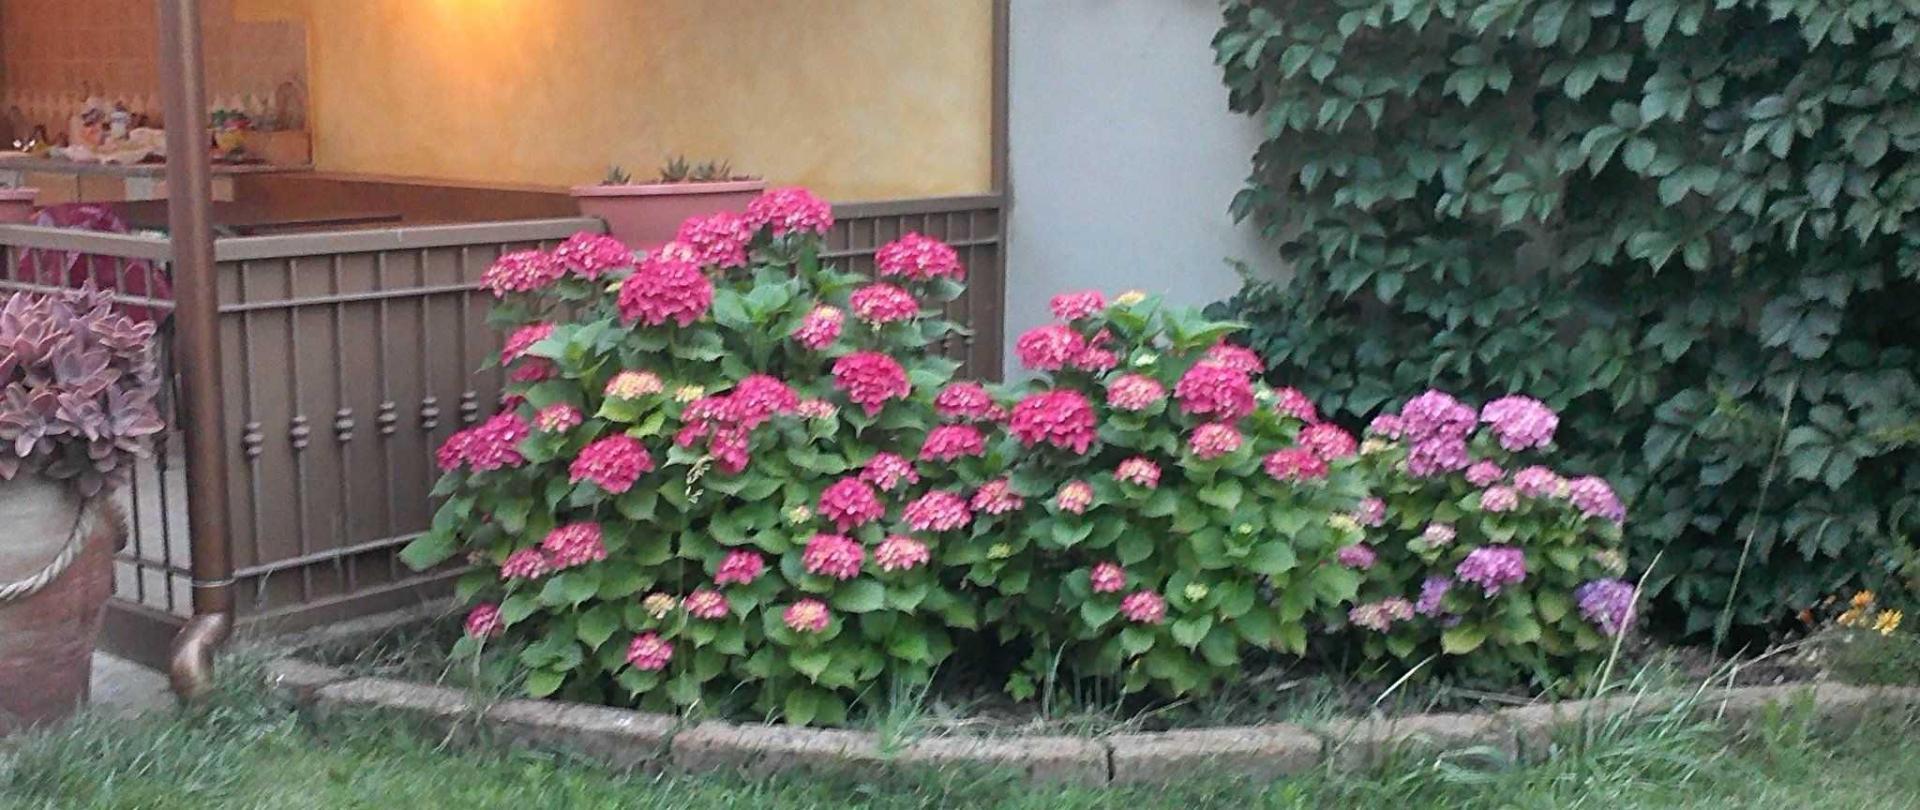 giardino-1.jpg